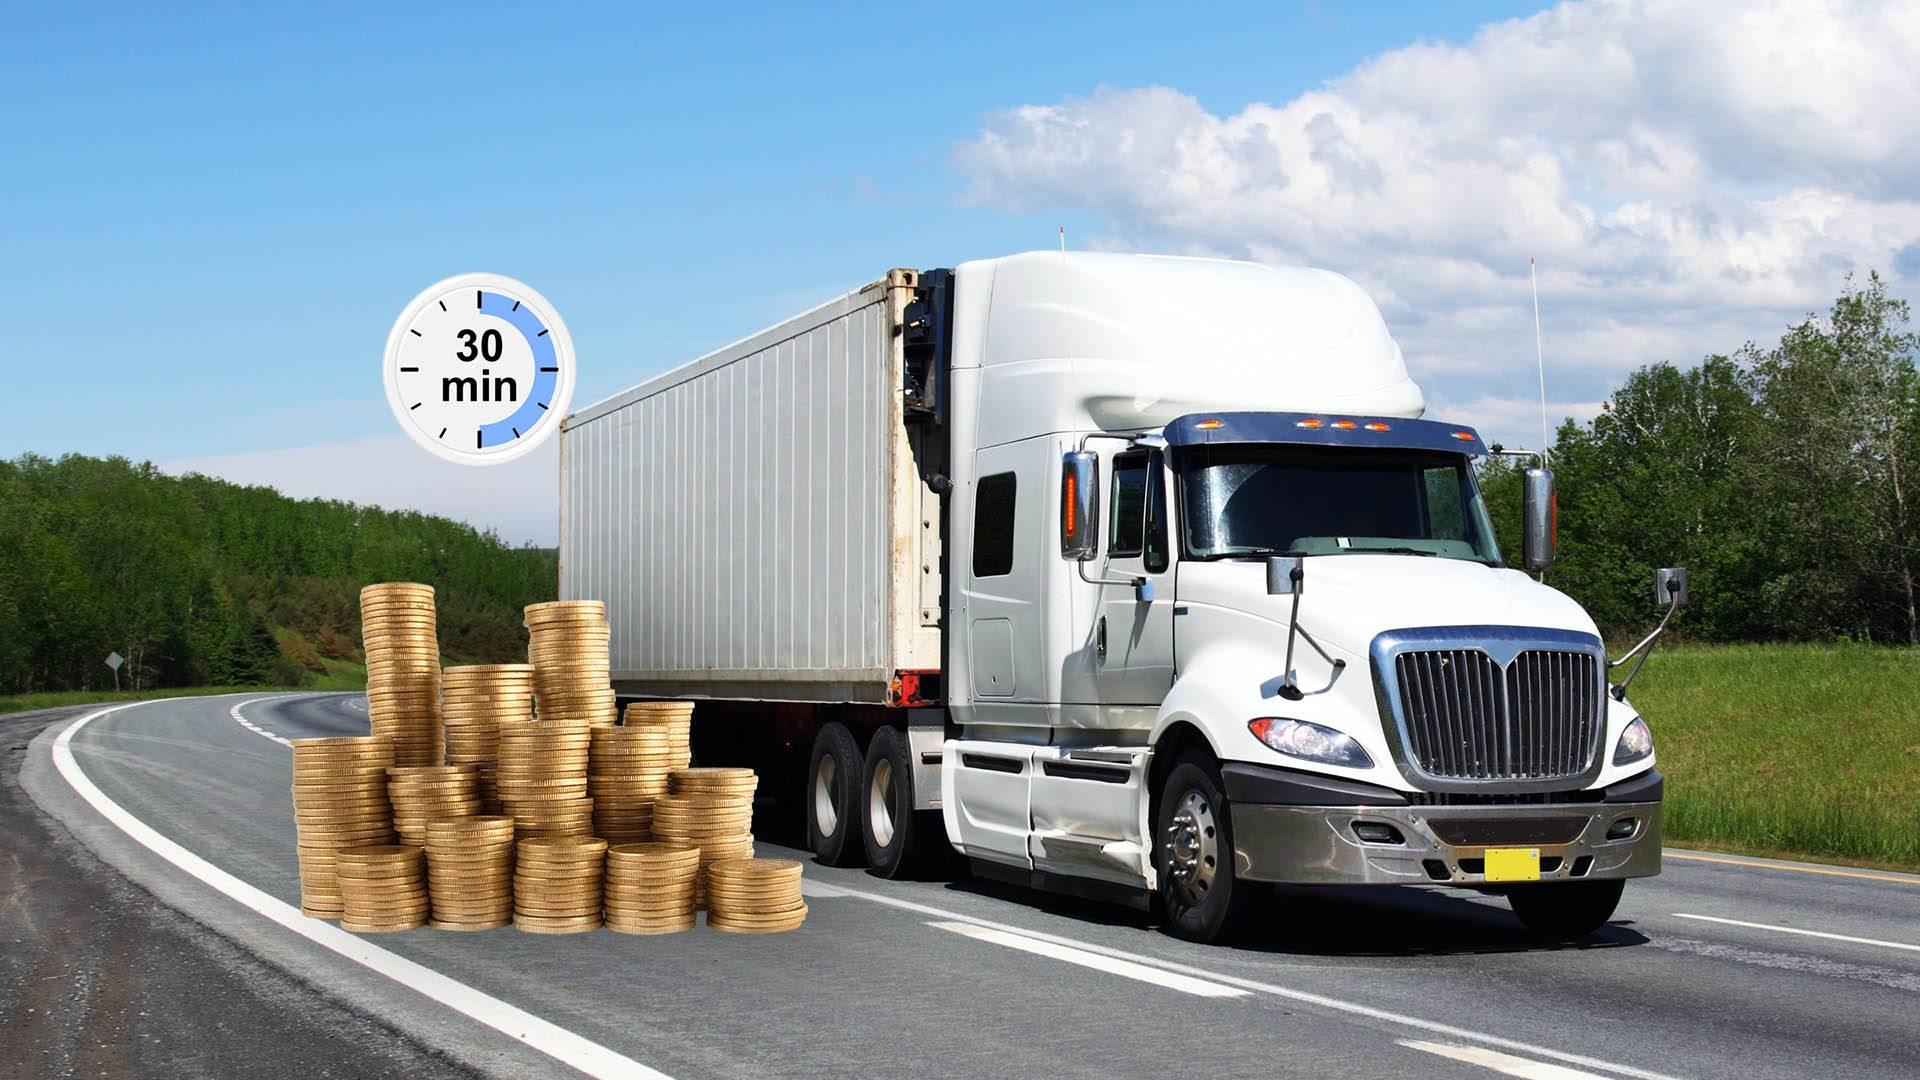 Кредит в Ялте под залог ПТС грузового автомобиля. Займ под залог грузового транспорта